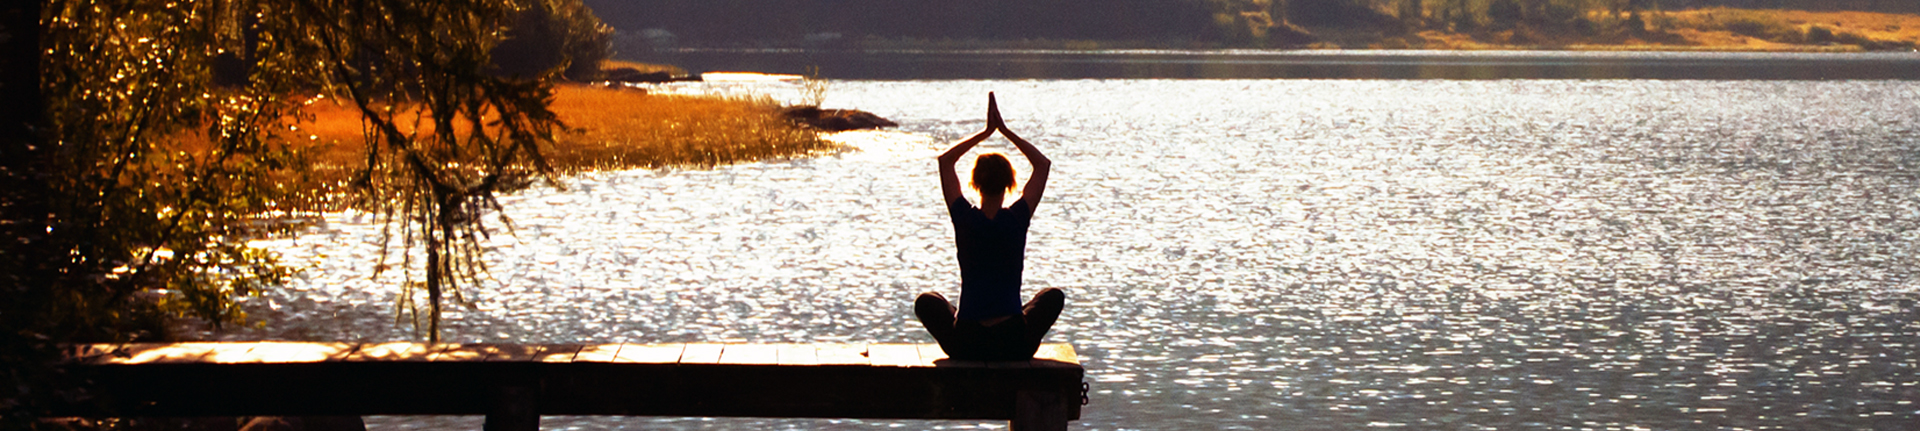 Retiros espirituais zen: porque fazer e onde encontrar